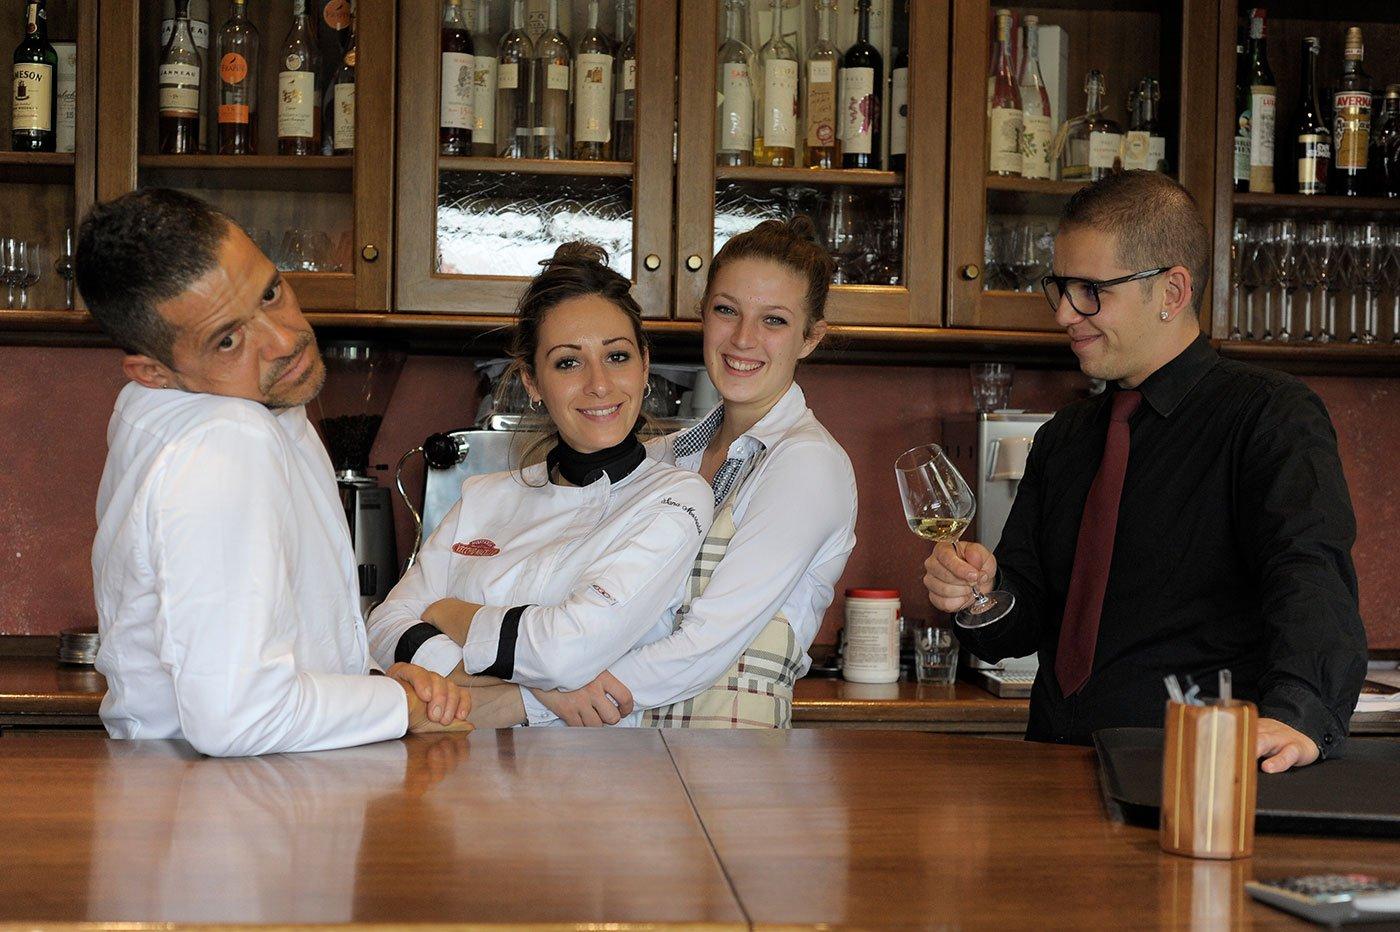 Il personale del ristorante dietro al bancone del bar